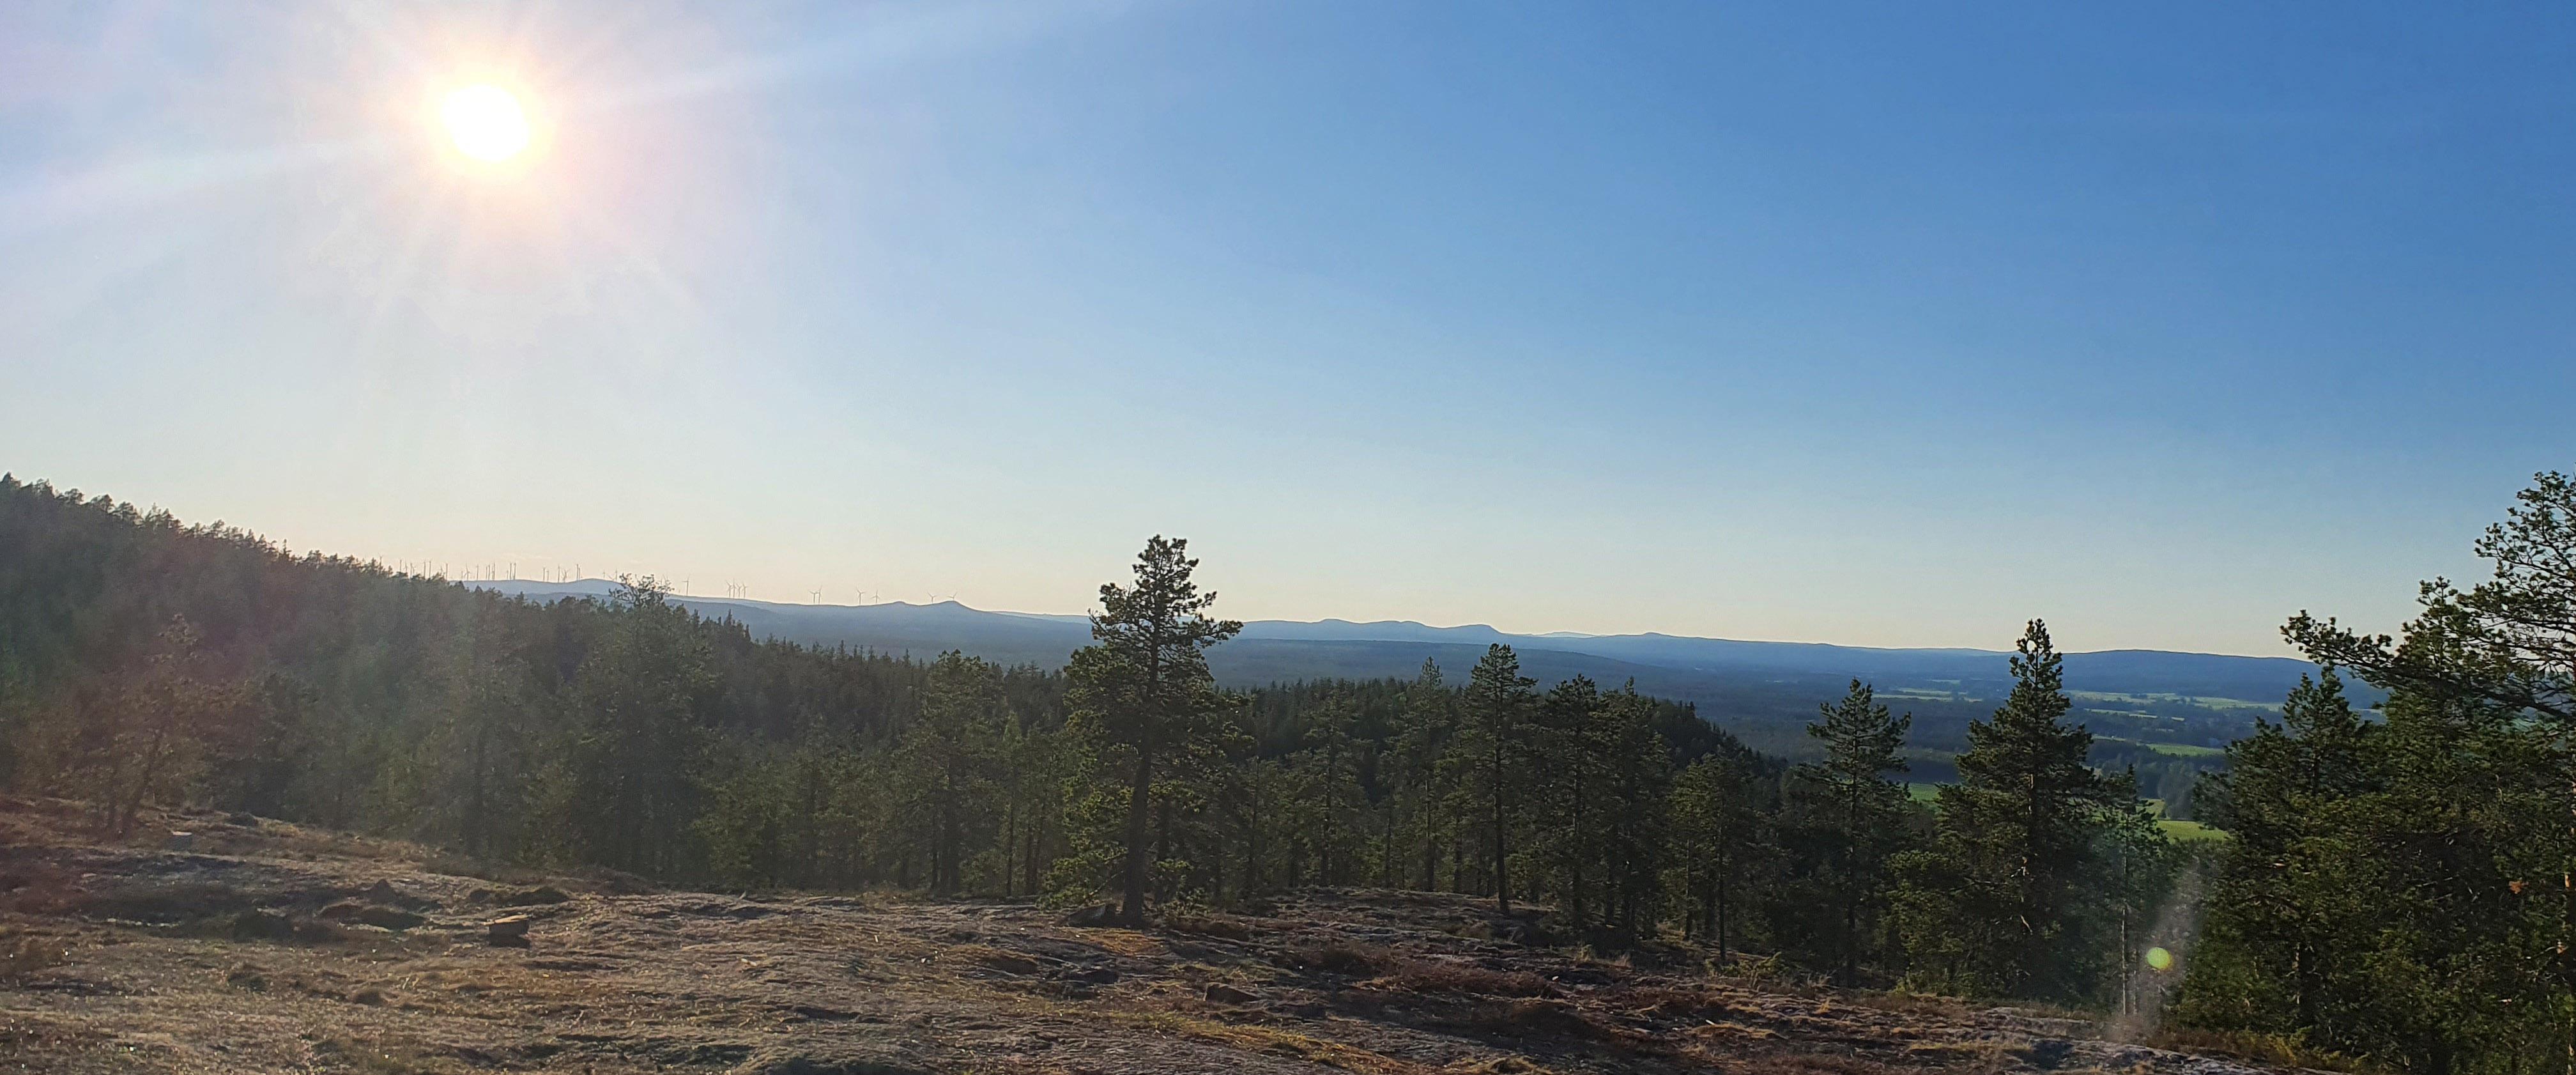 Larssonsberget utsikt vindkraft